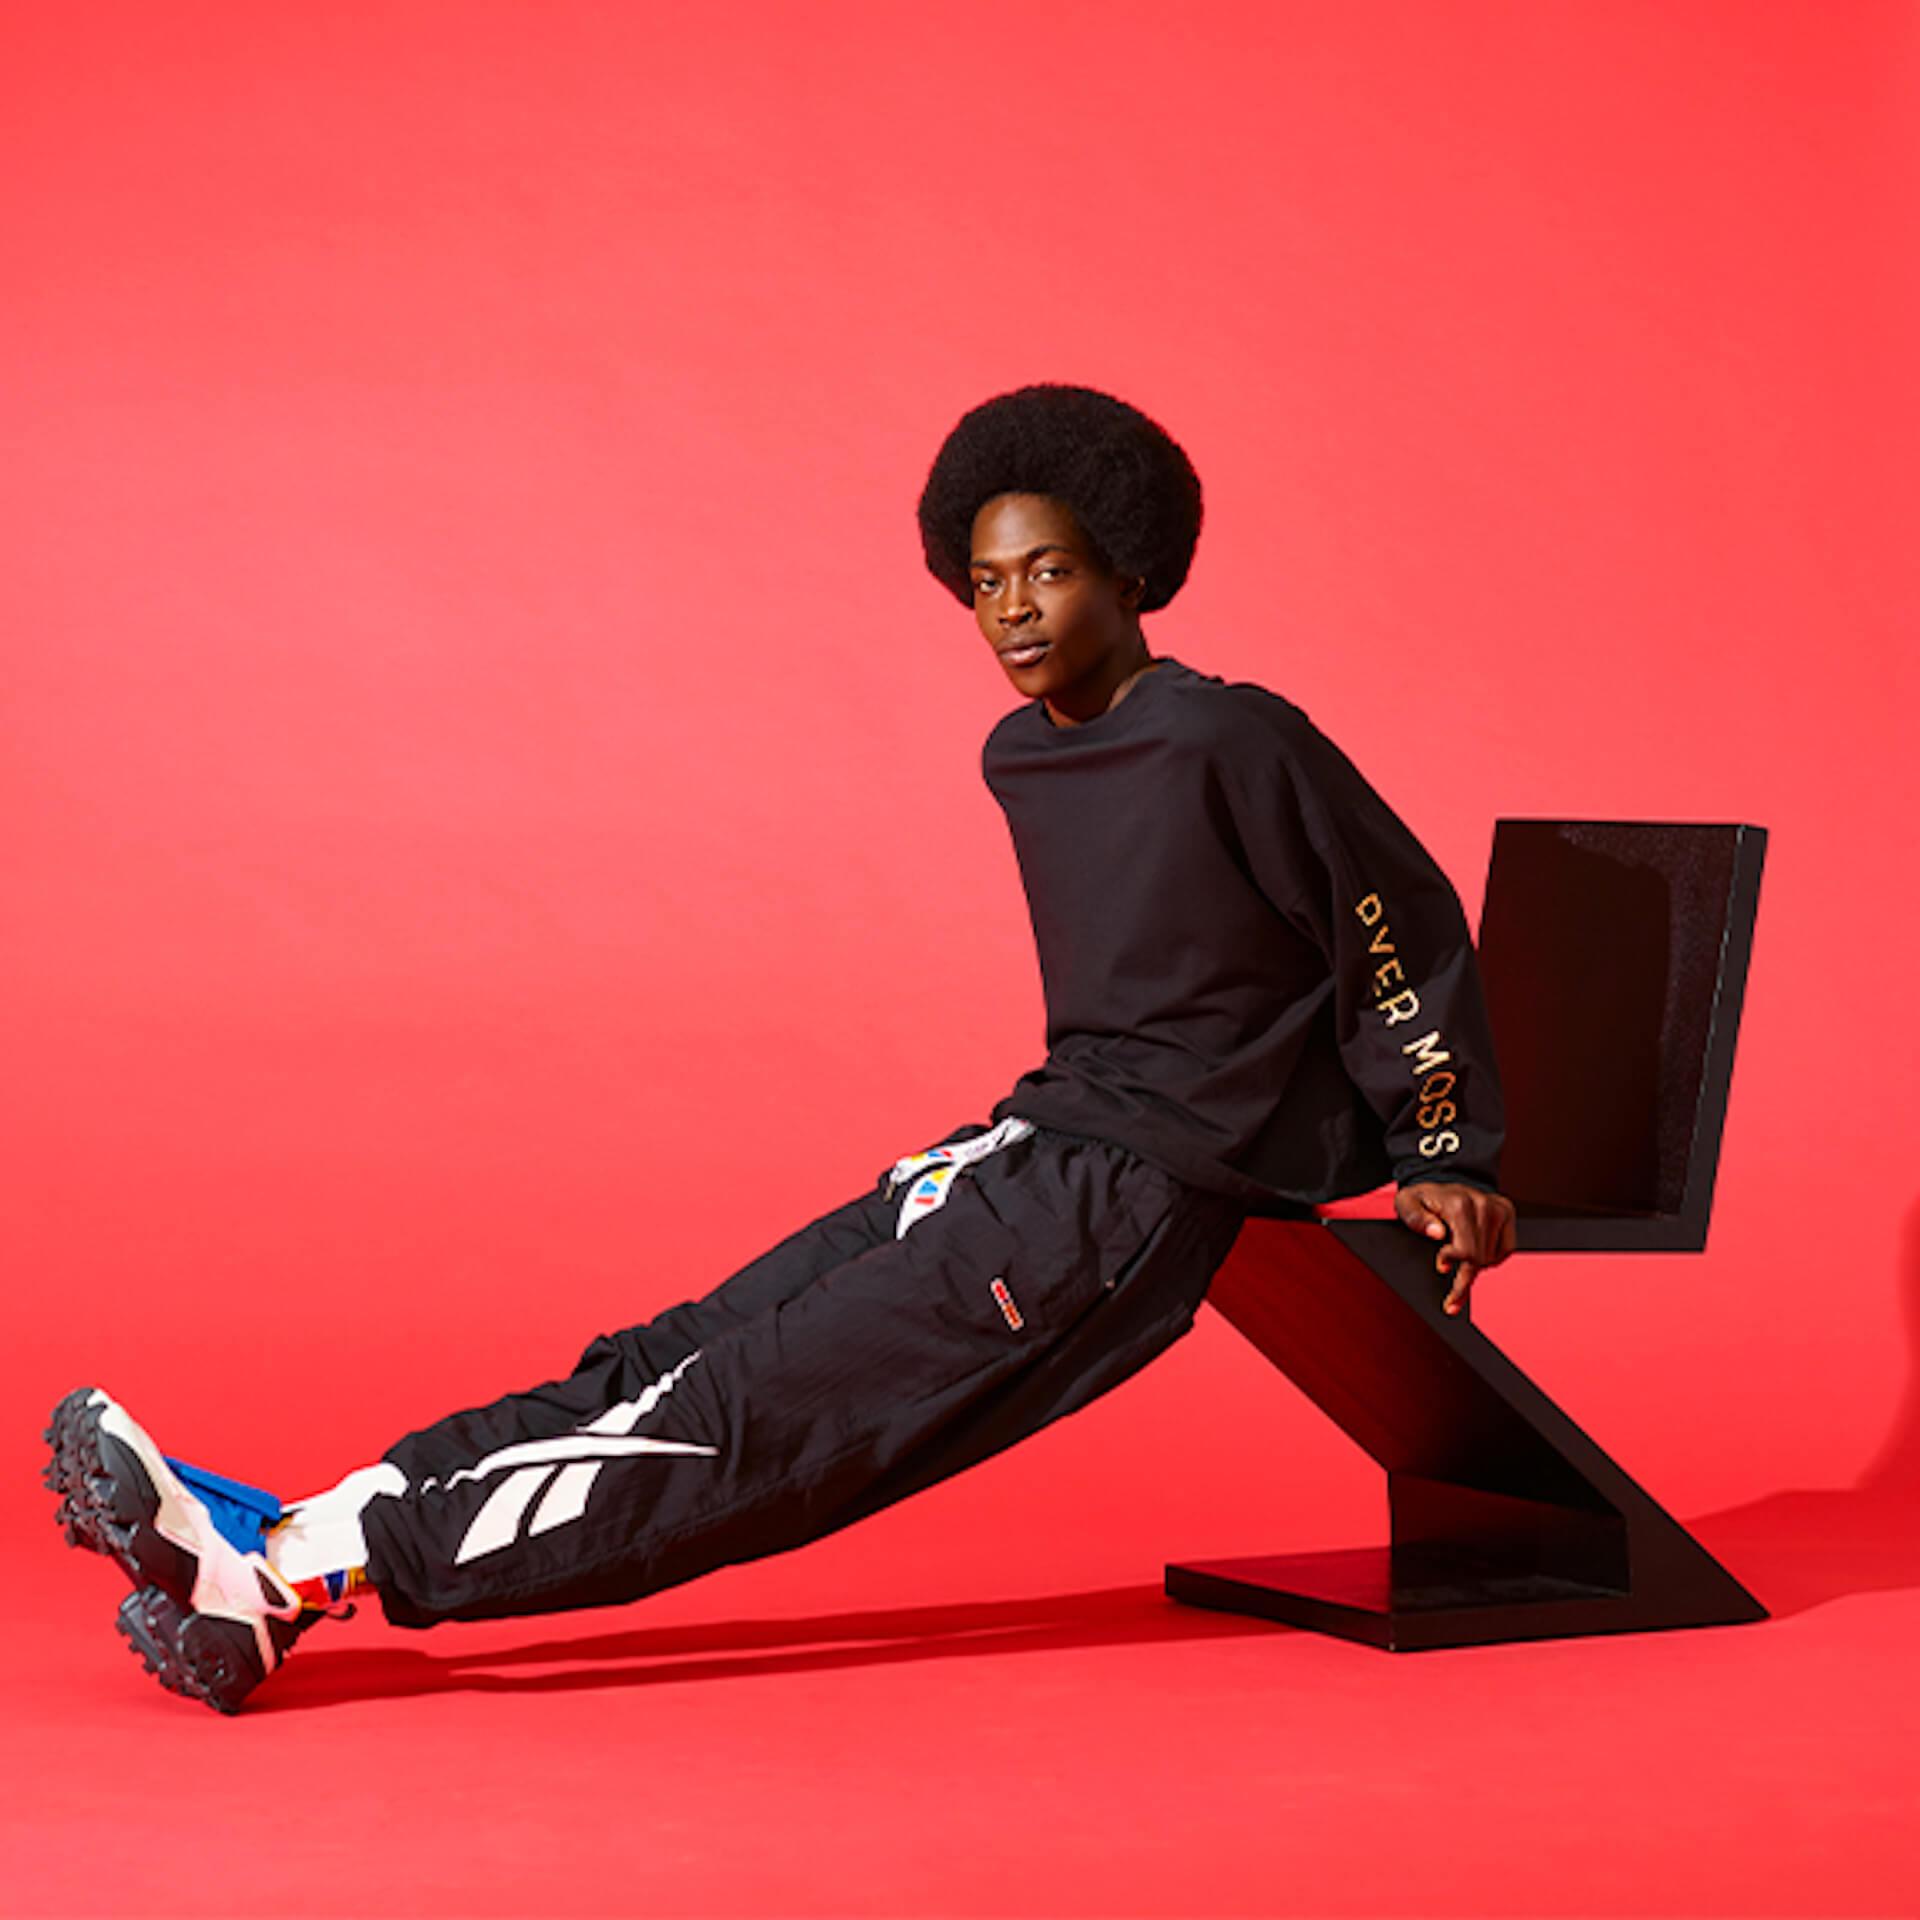 リーボックとPyer Mossのコラボコレクション第3弾が発売決定!話題のスニーカー『EXPERIMENT 4 FURY TRAIL』も登場 fashion20201013_newbalance_pyermoss_1